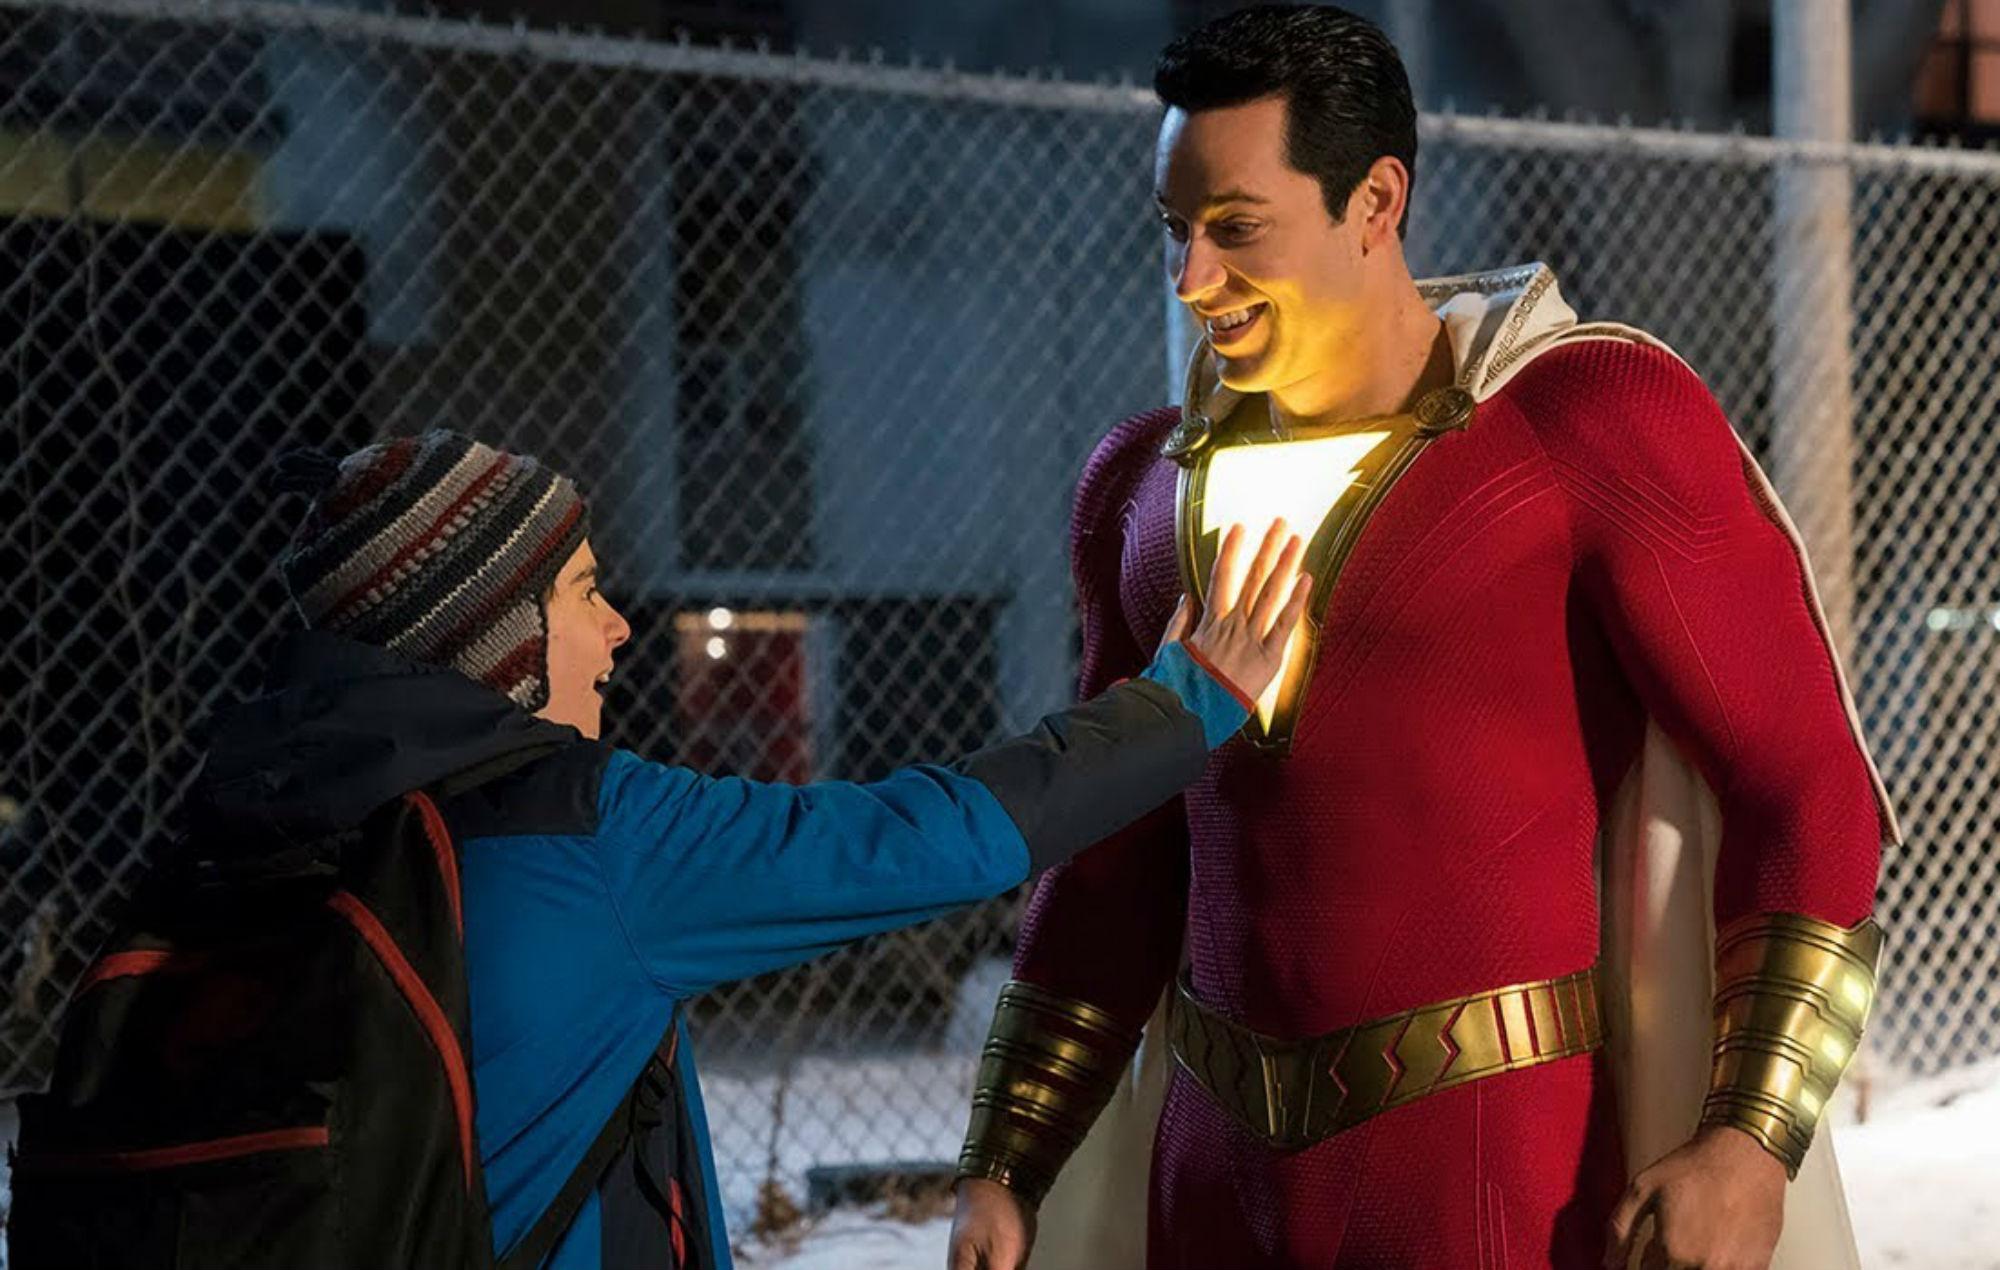 'Shazam!' sequel is happening – Warner Bros confirm release date